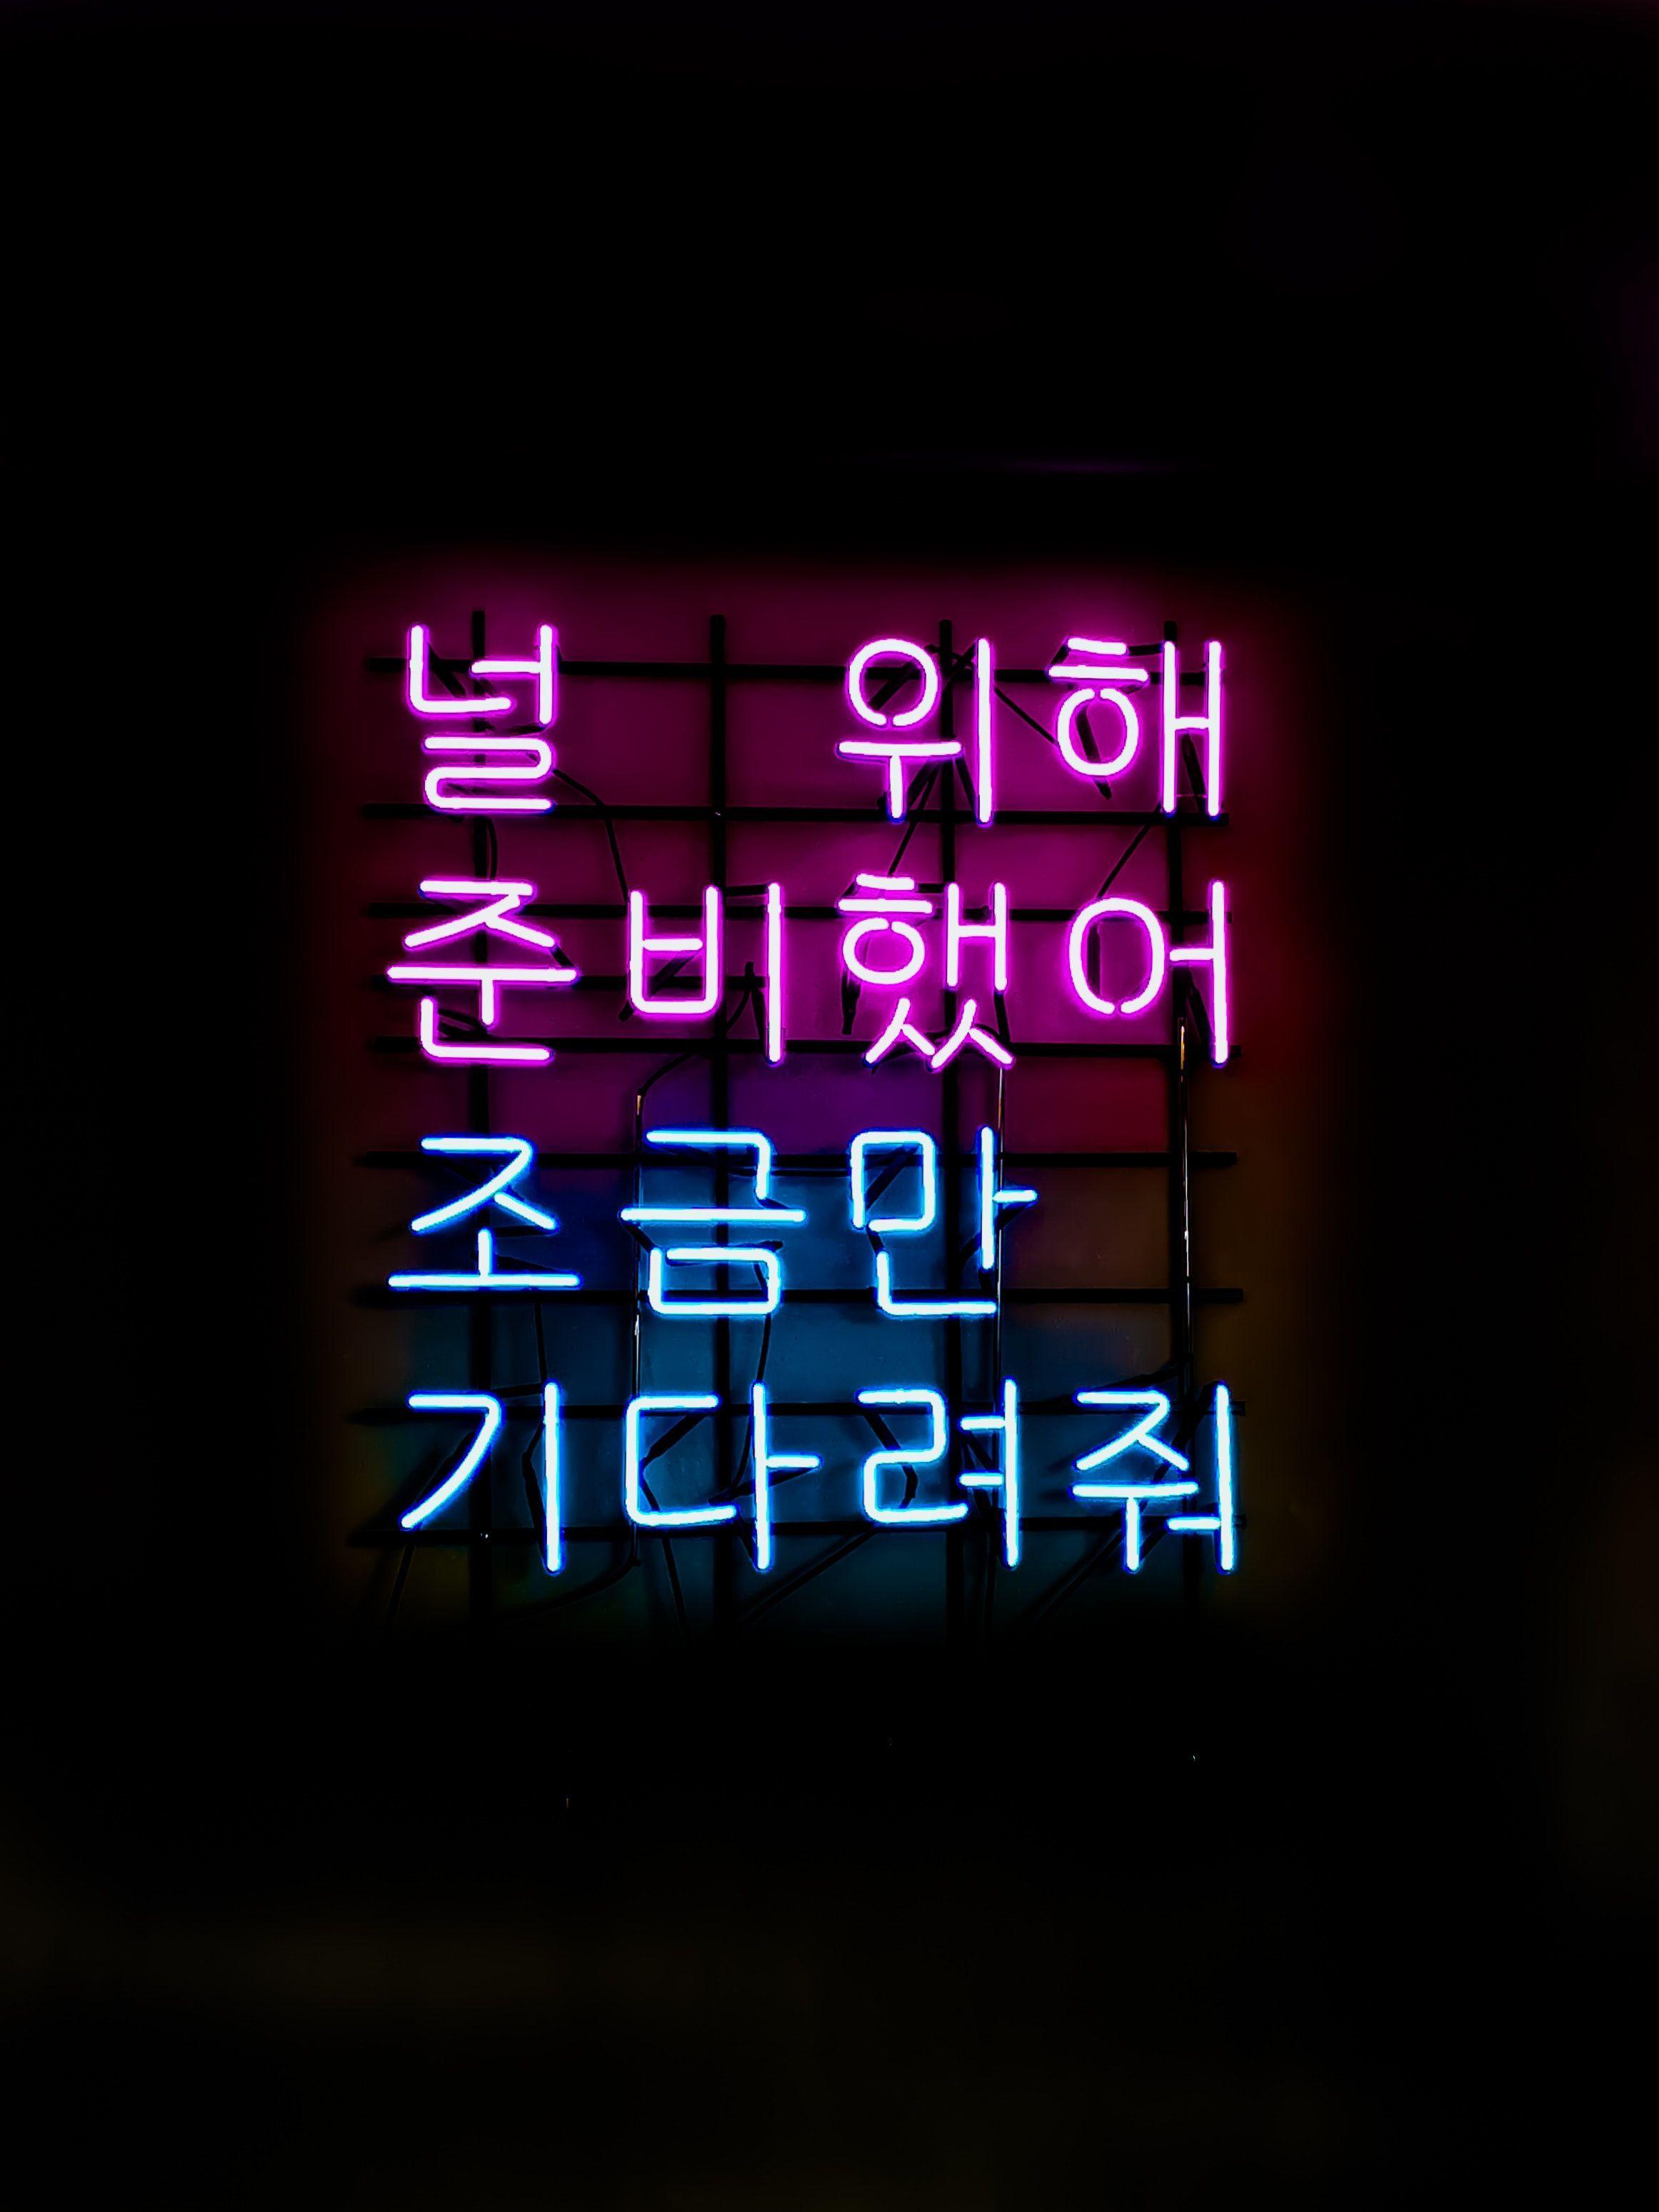 Cute Korean Aesthetic Wallpaper